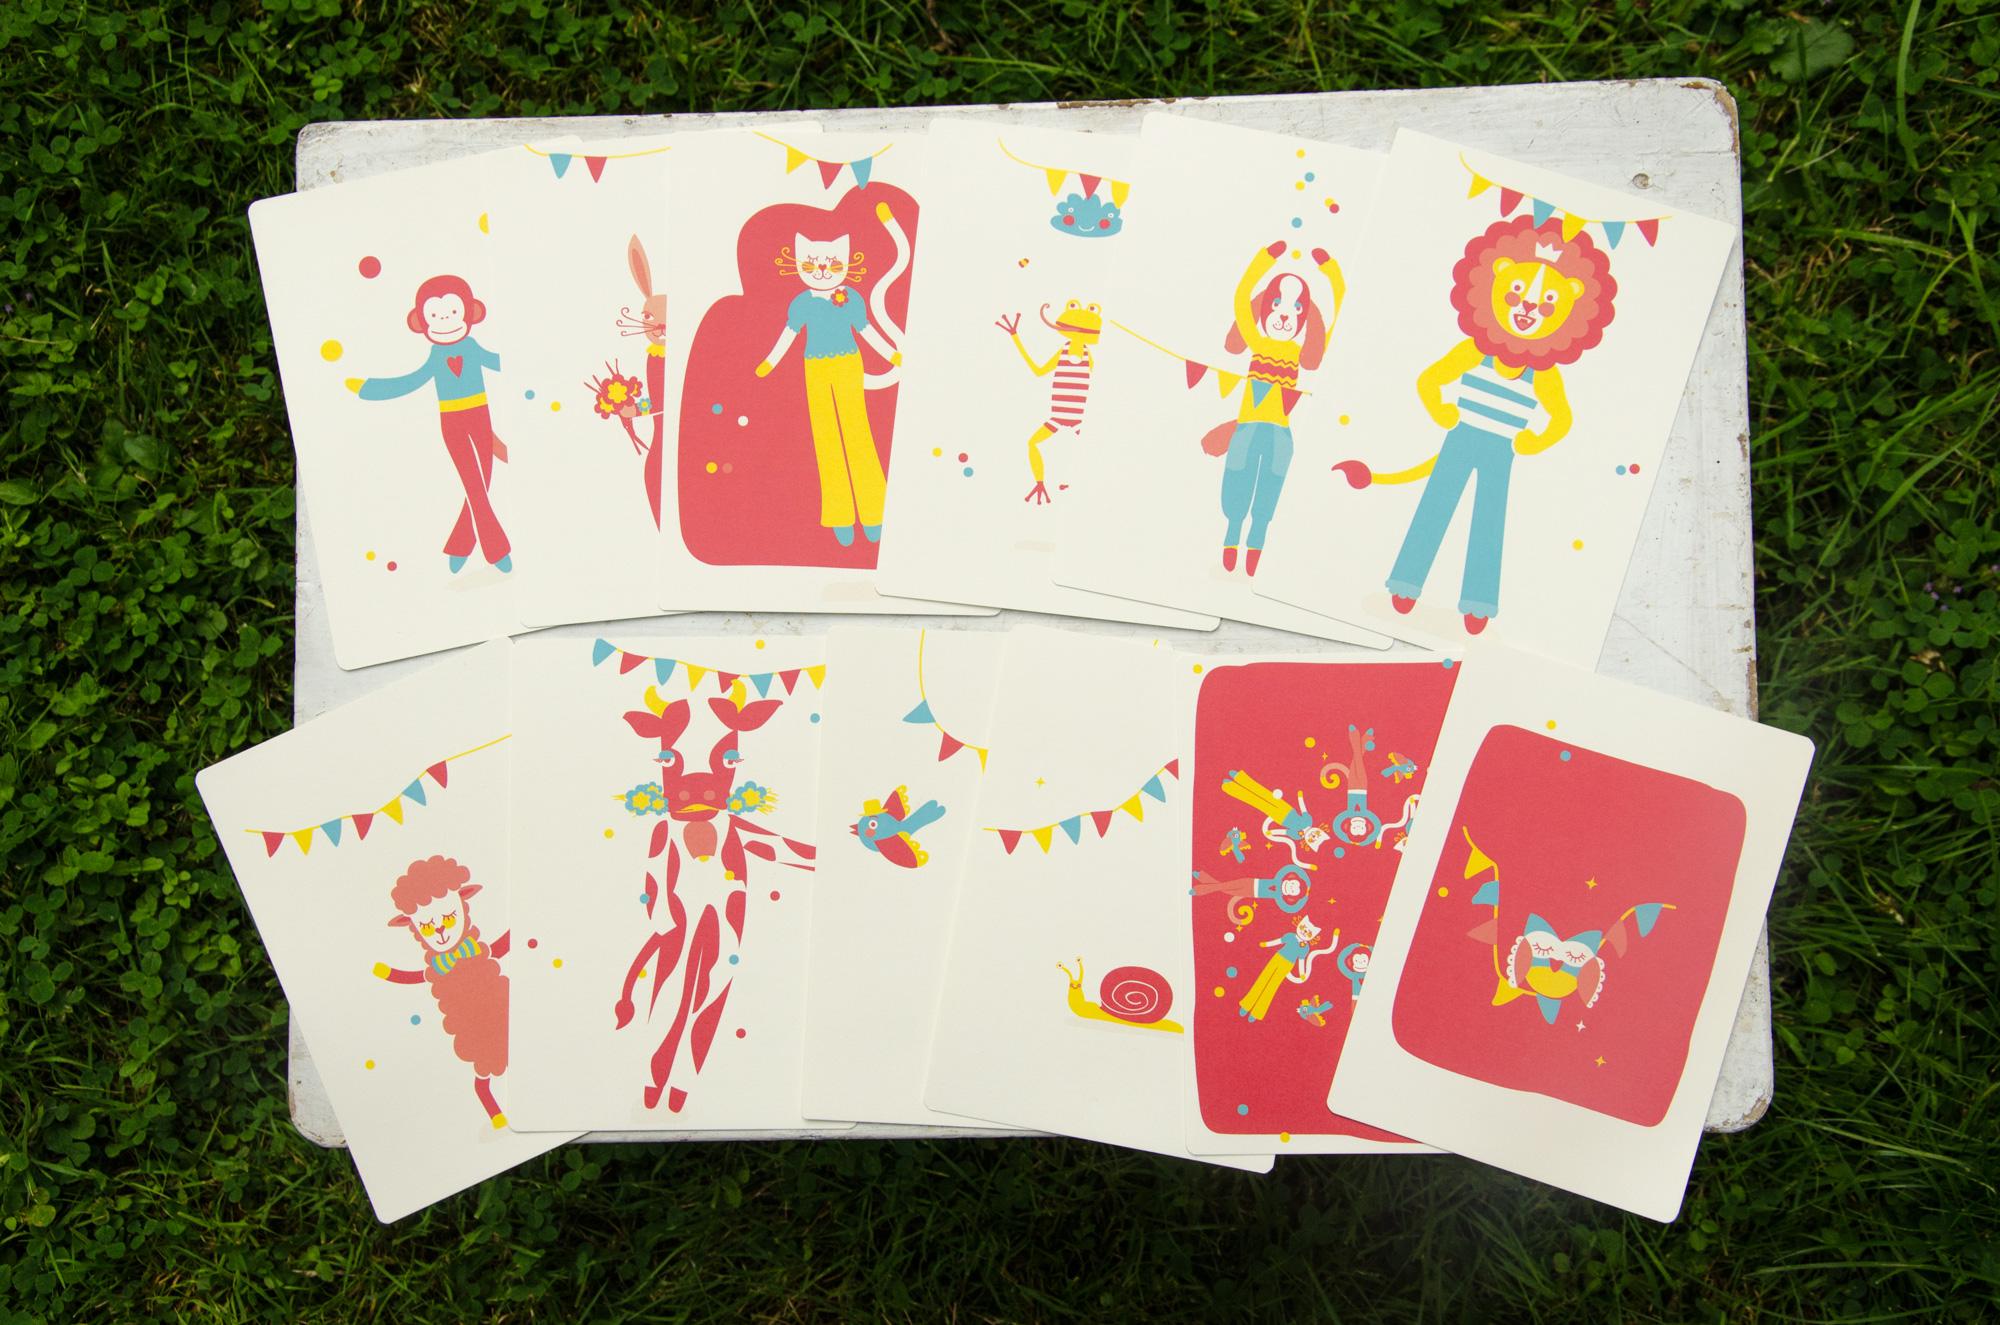 feingespinst-affentanz-postkarten.jpg